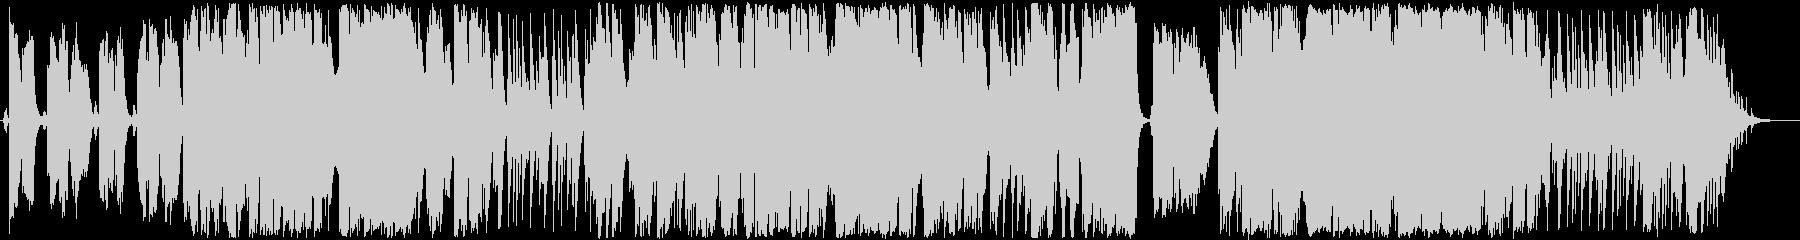 アカペラから始まる絵本風のピアノバラードの未再生の波形